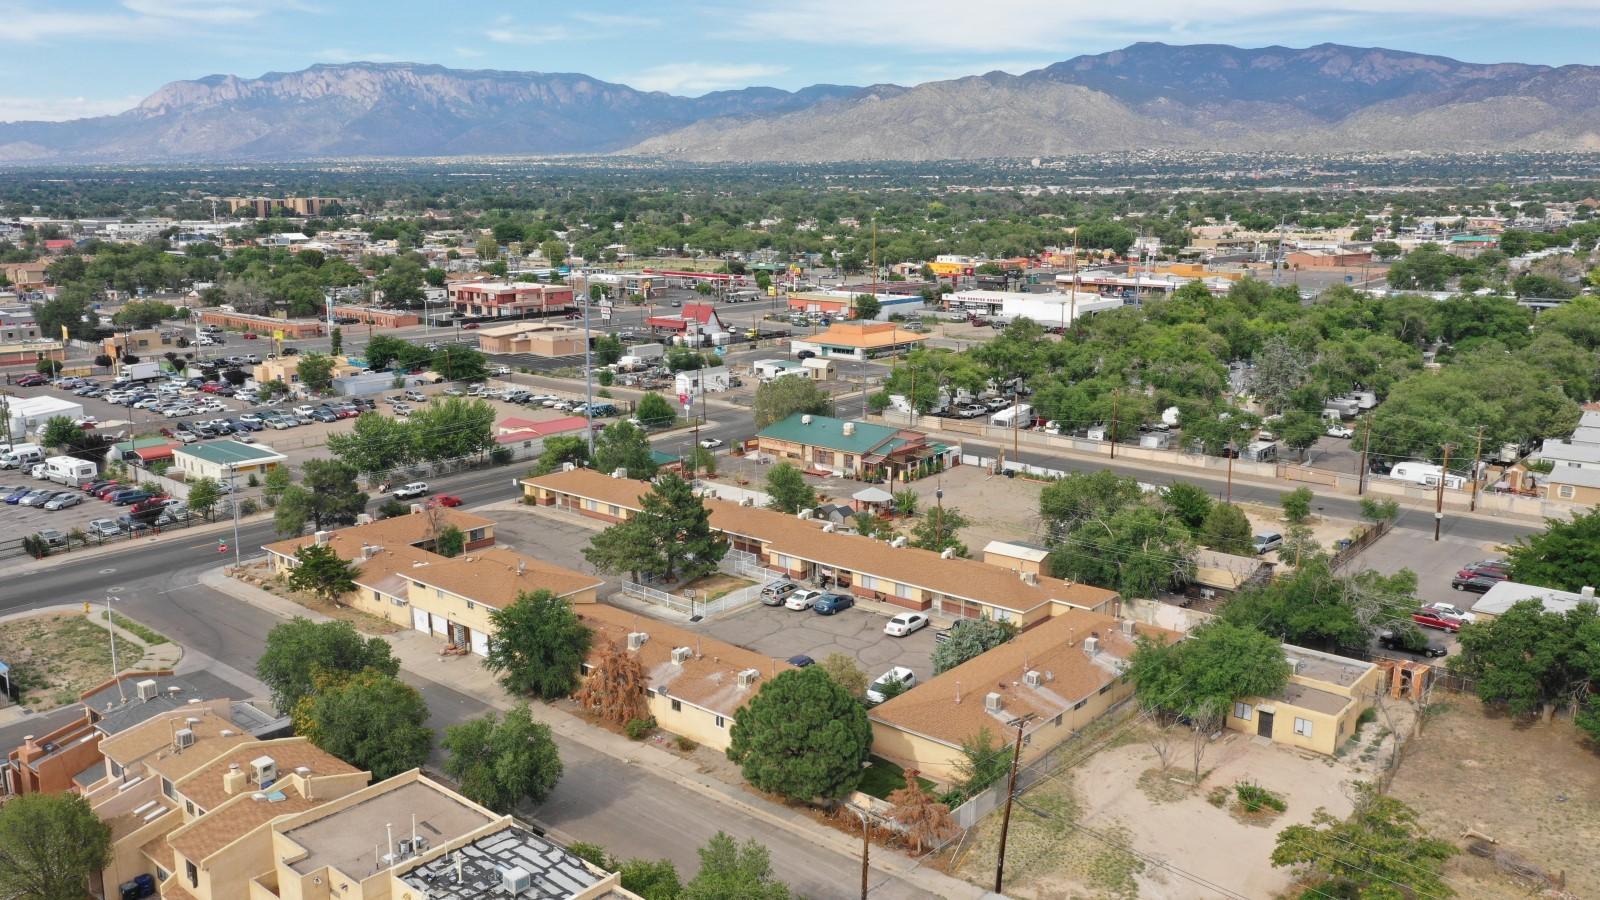 8600 Zuni Road SE, Albuquerque, NM 87108 - Albuquerque, NM real estate listing